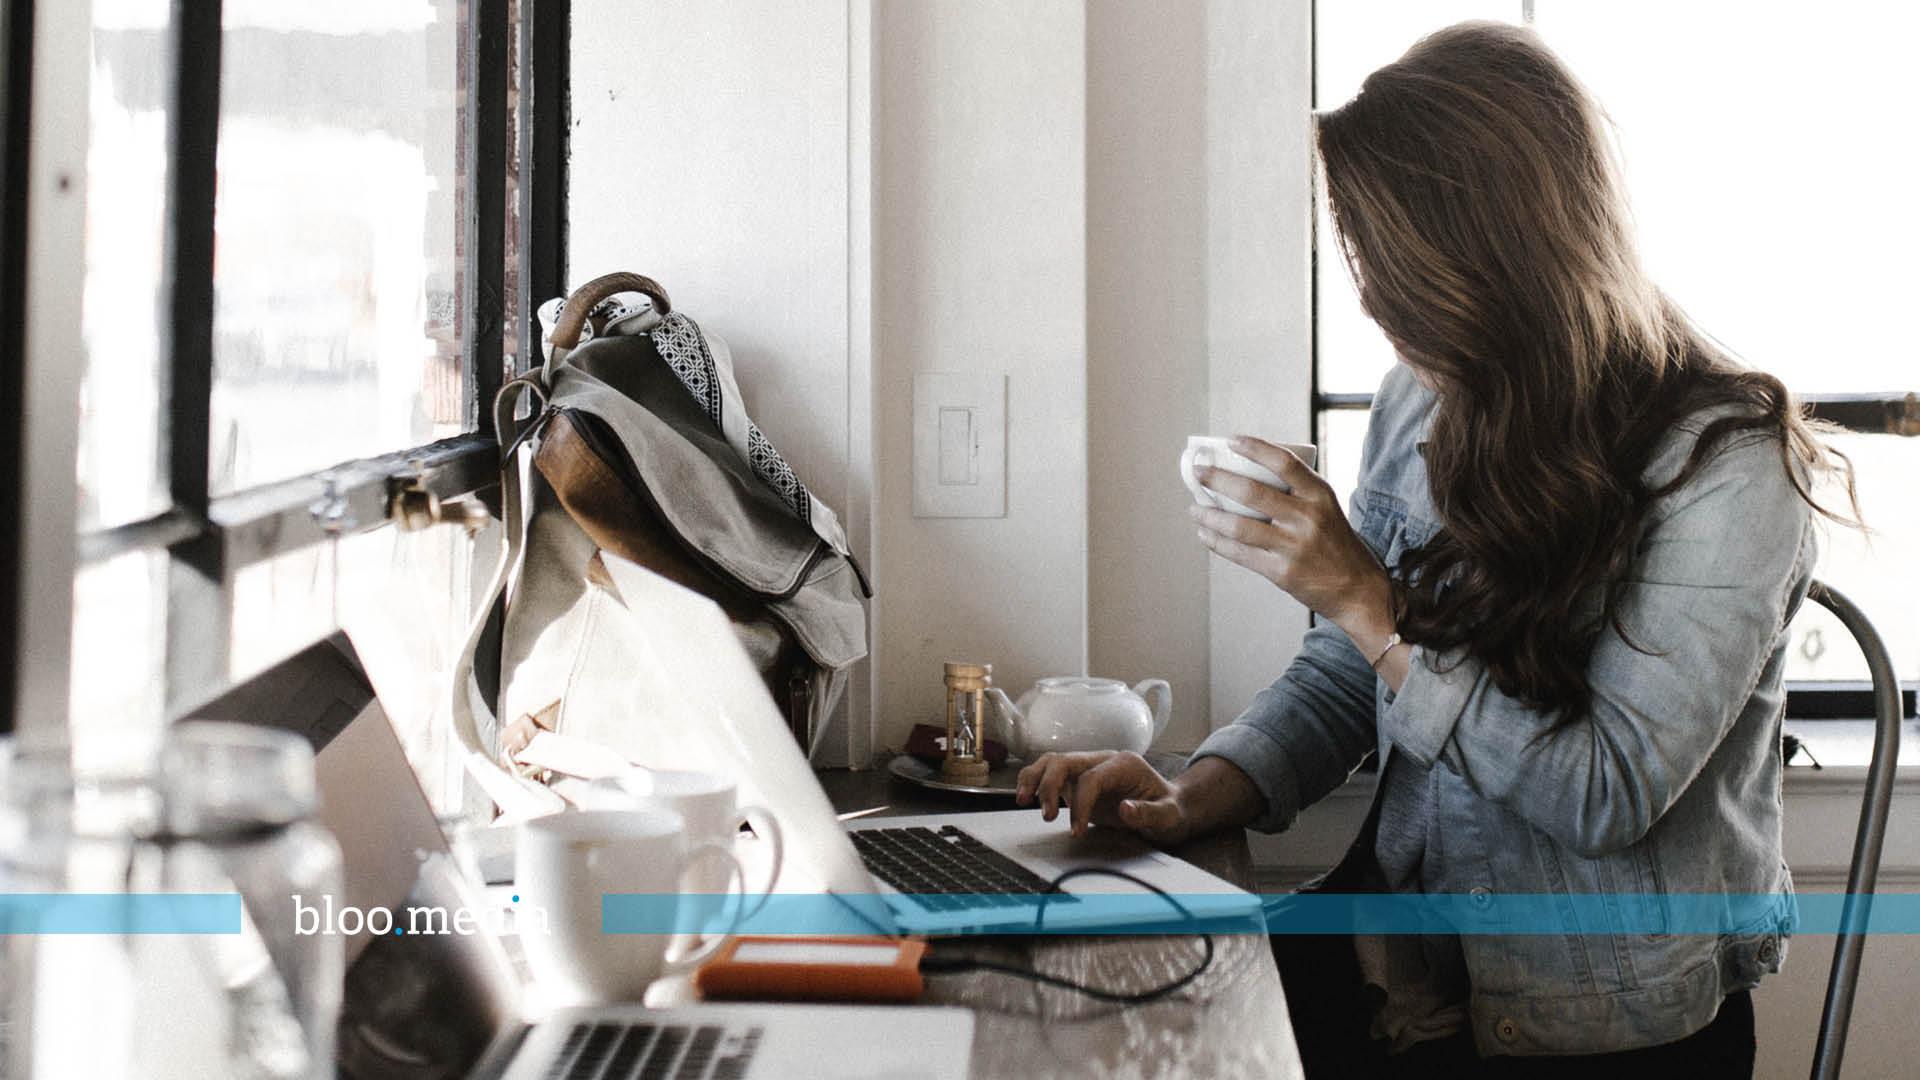 Integraciones HubSpot para aumentar la productividad en tu empresa